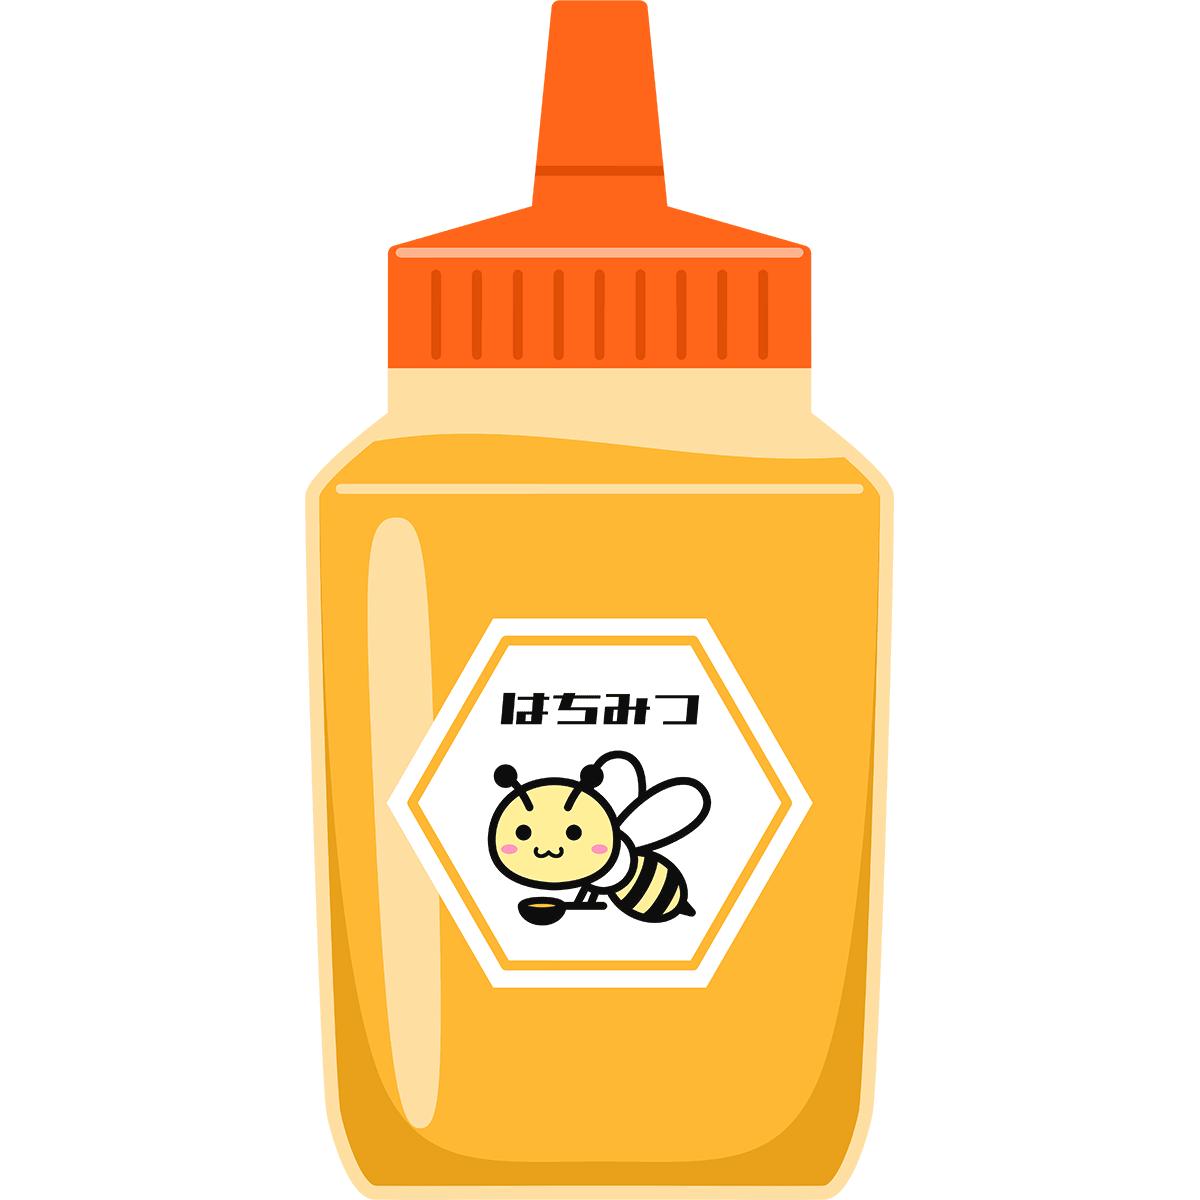 蜂蜜の無料イラスト